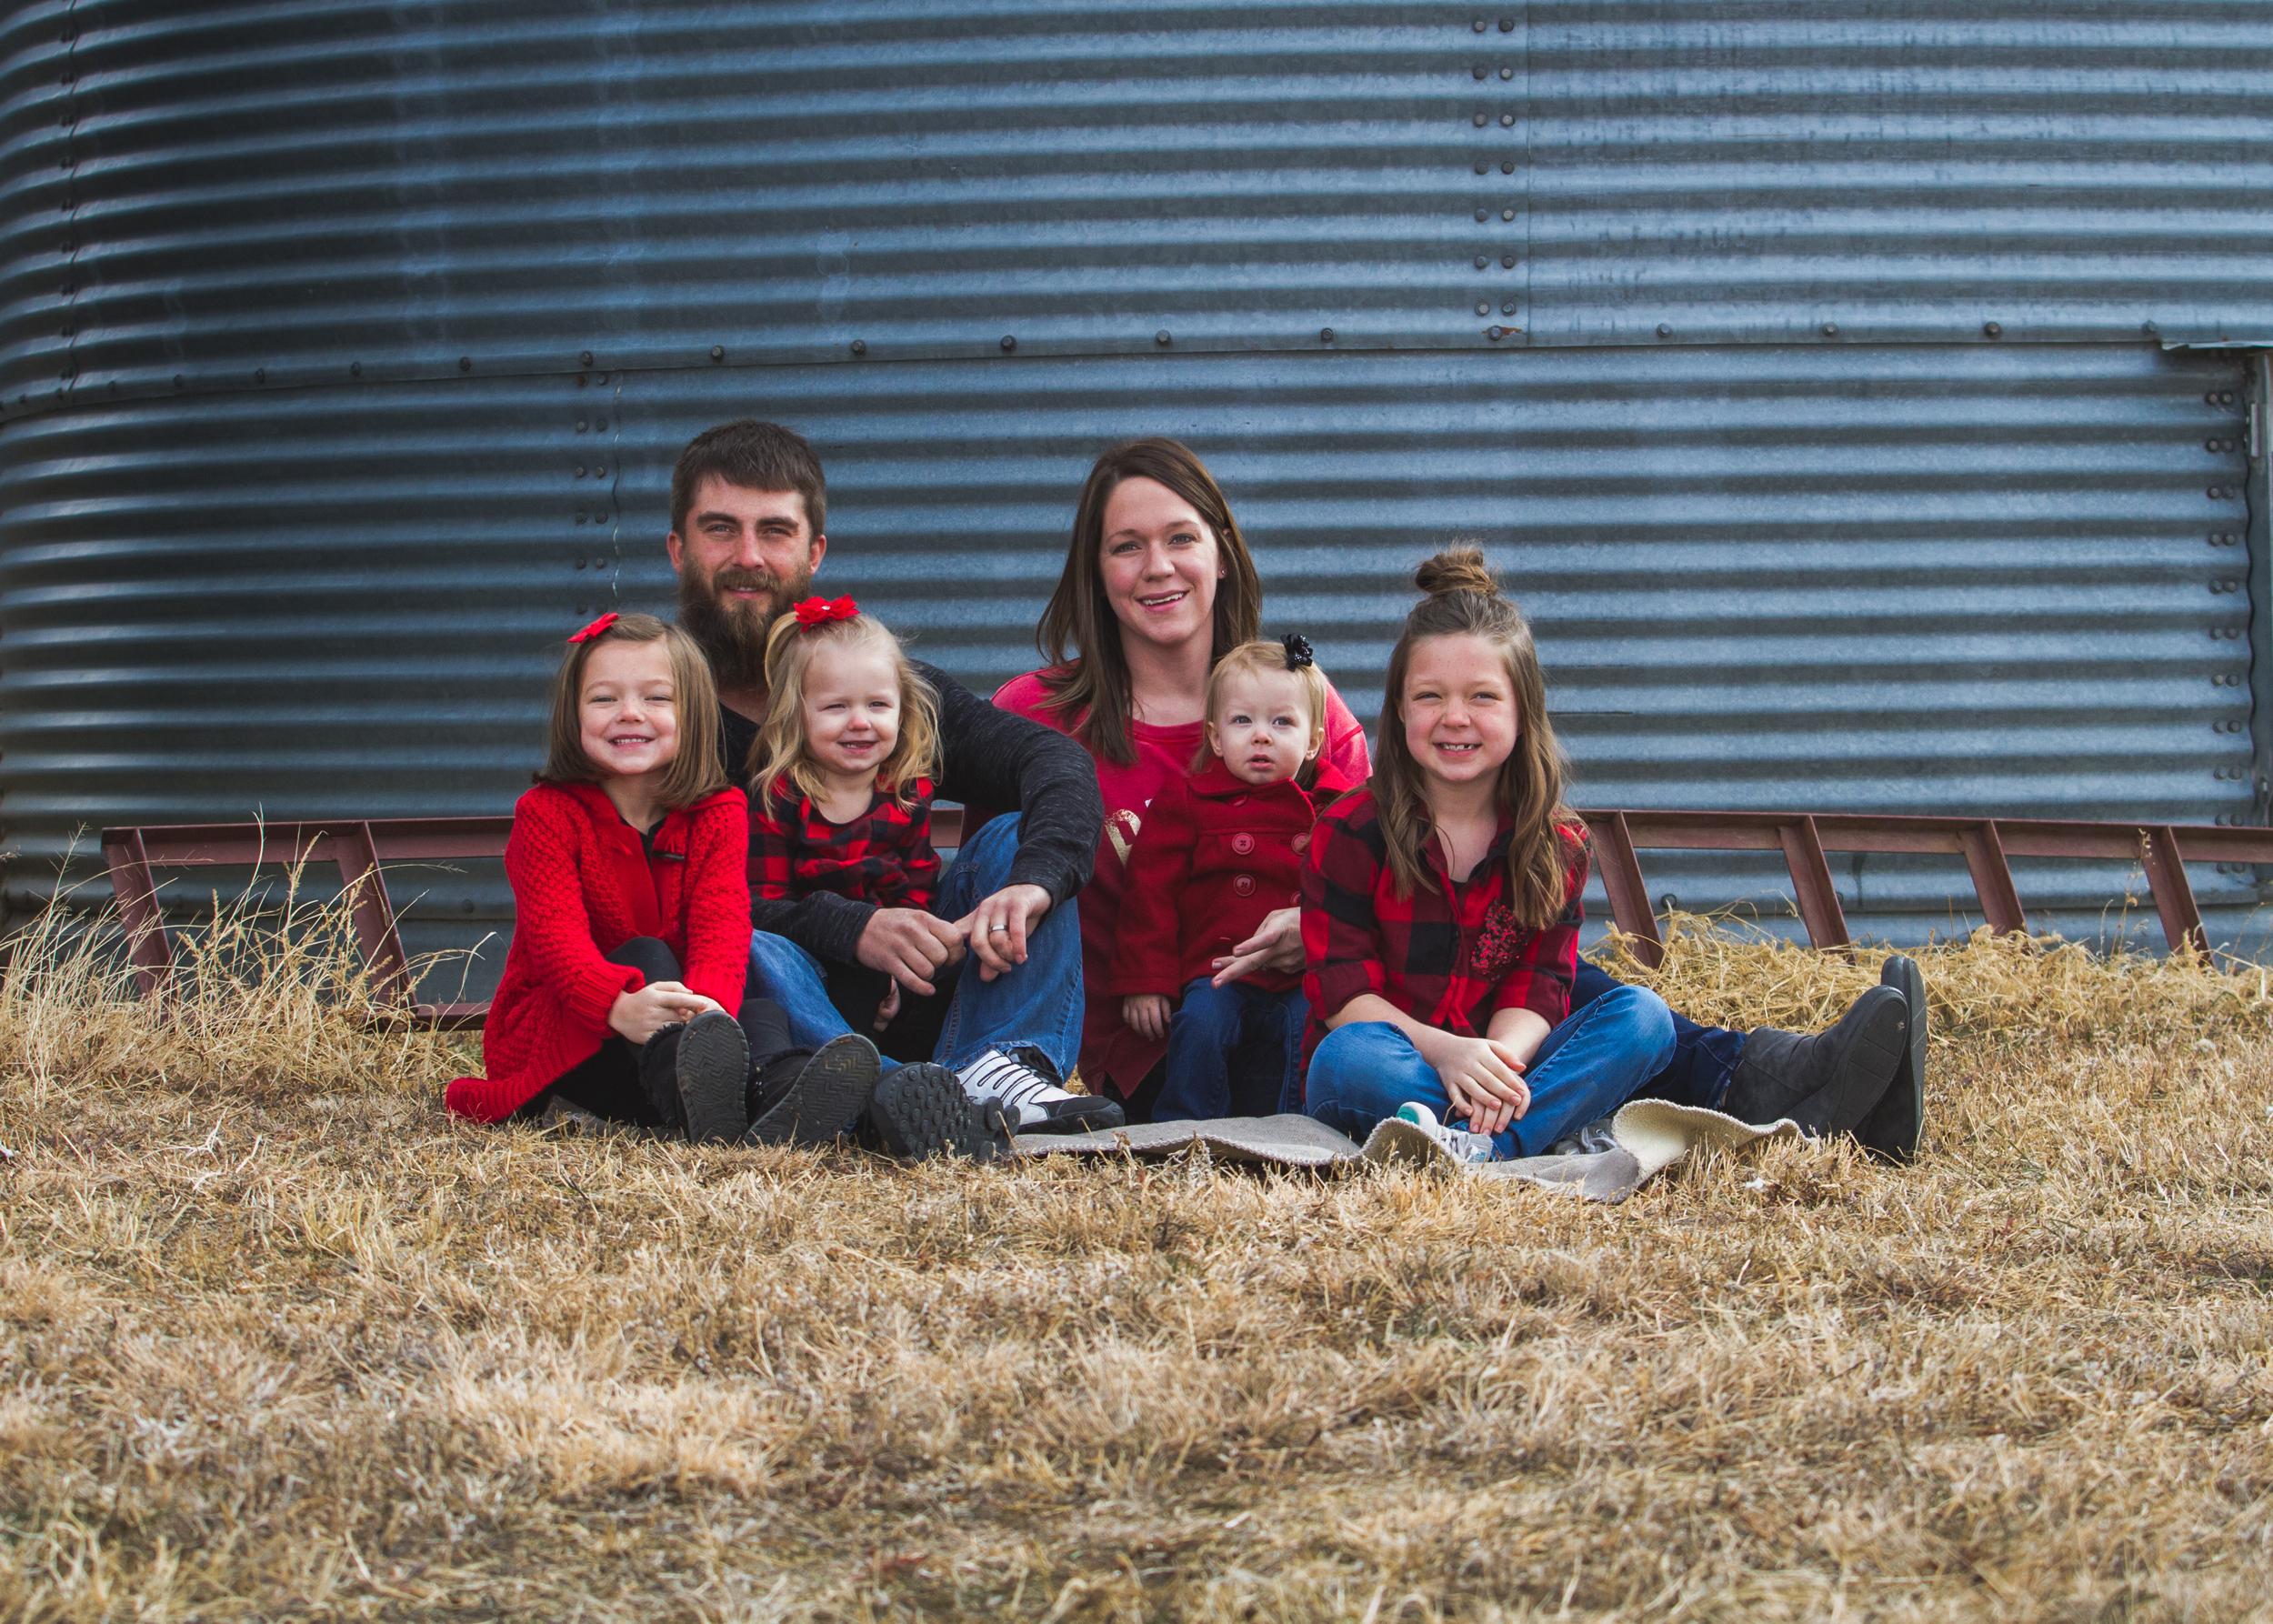 Ritchey Family Shoot